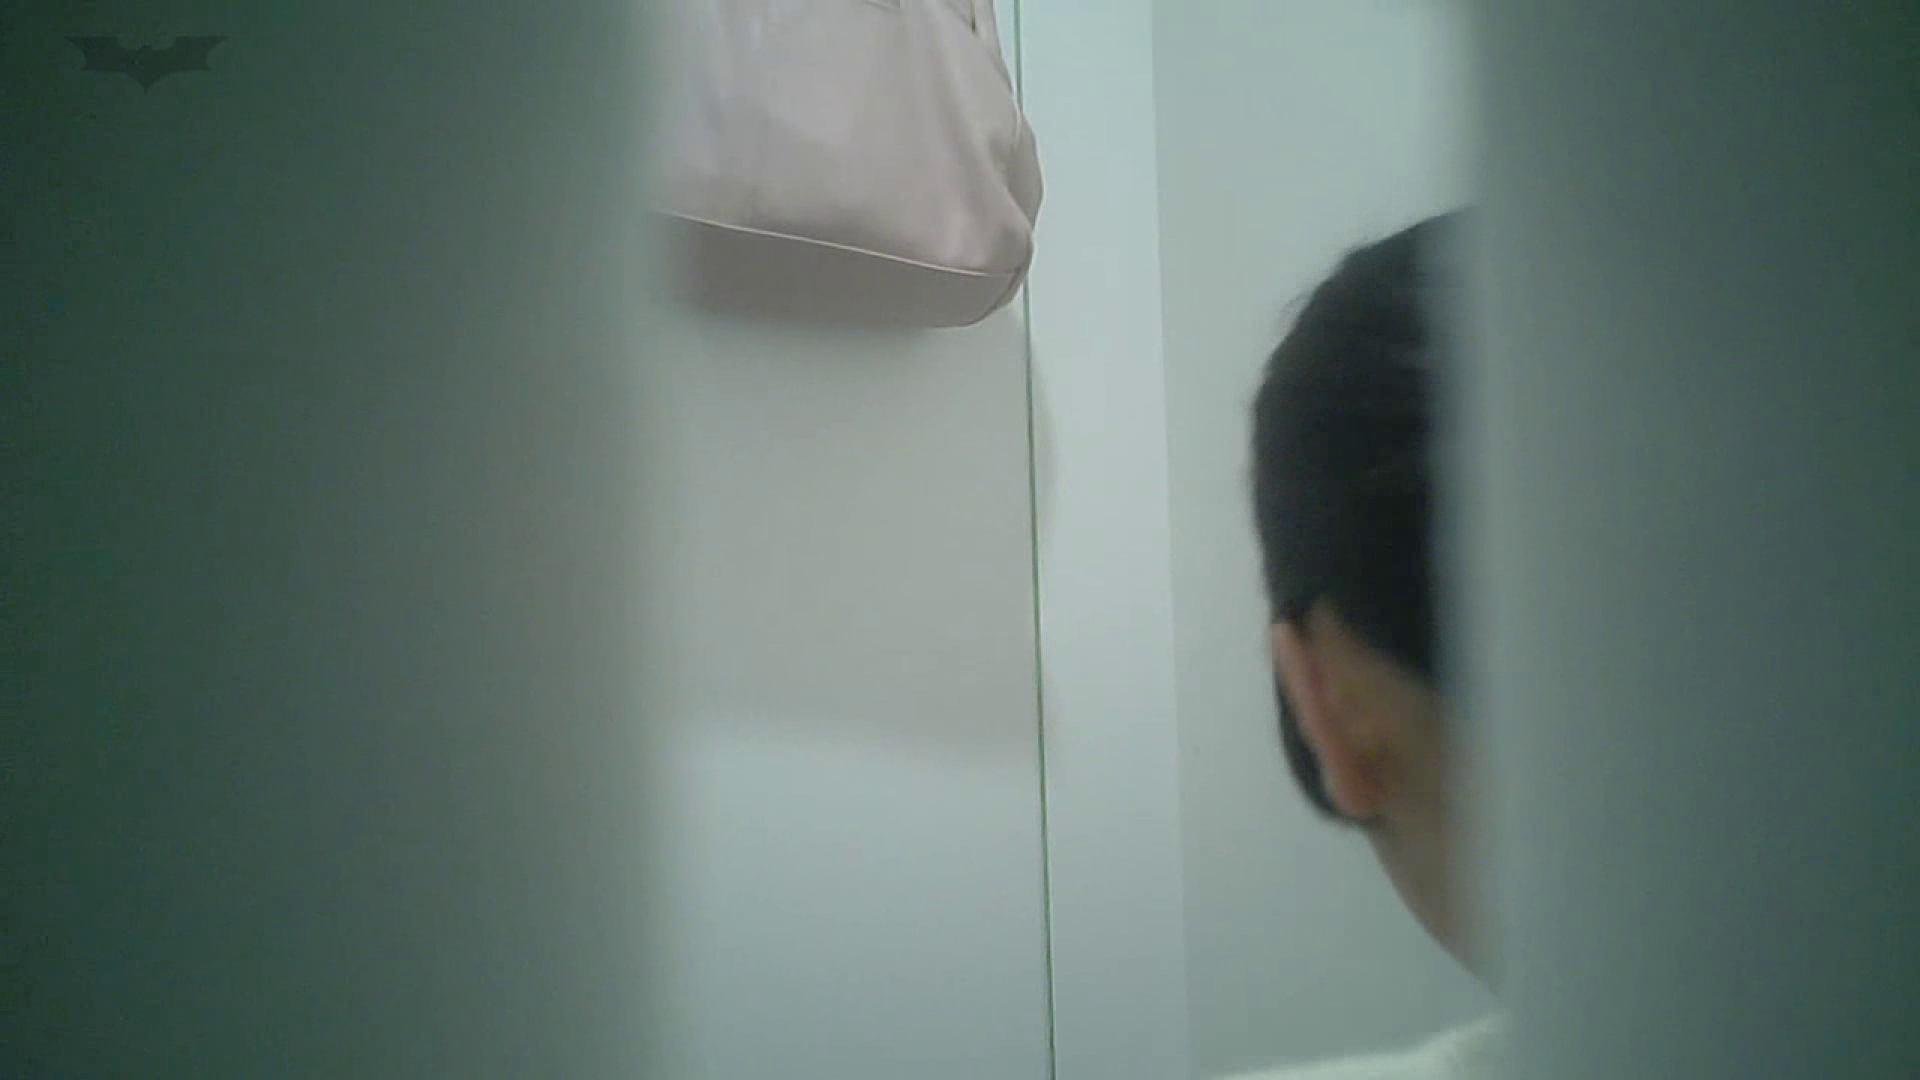 有名大学女性洗面所 vol.40 ??おまじない的な動きをする子がいます。 和式便所 えろ無修正画像 99枚 60